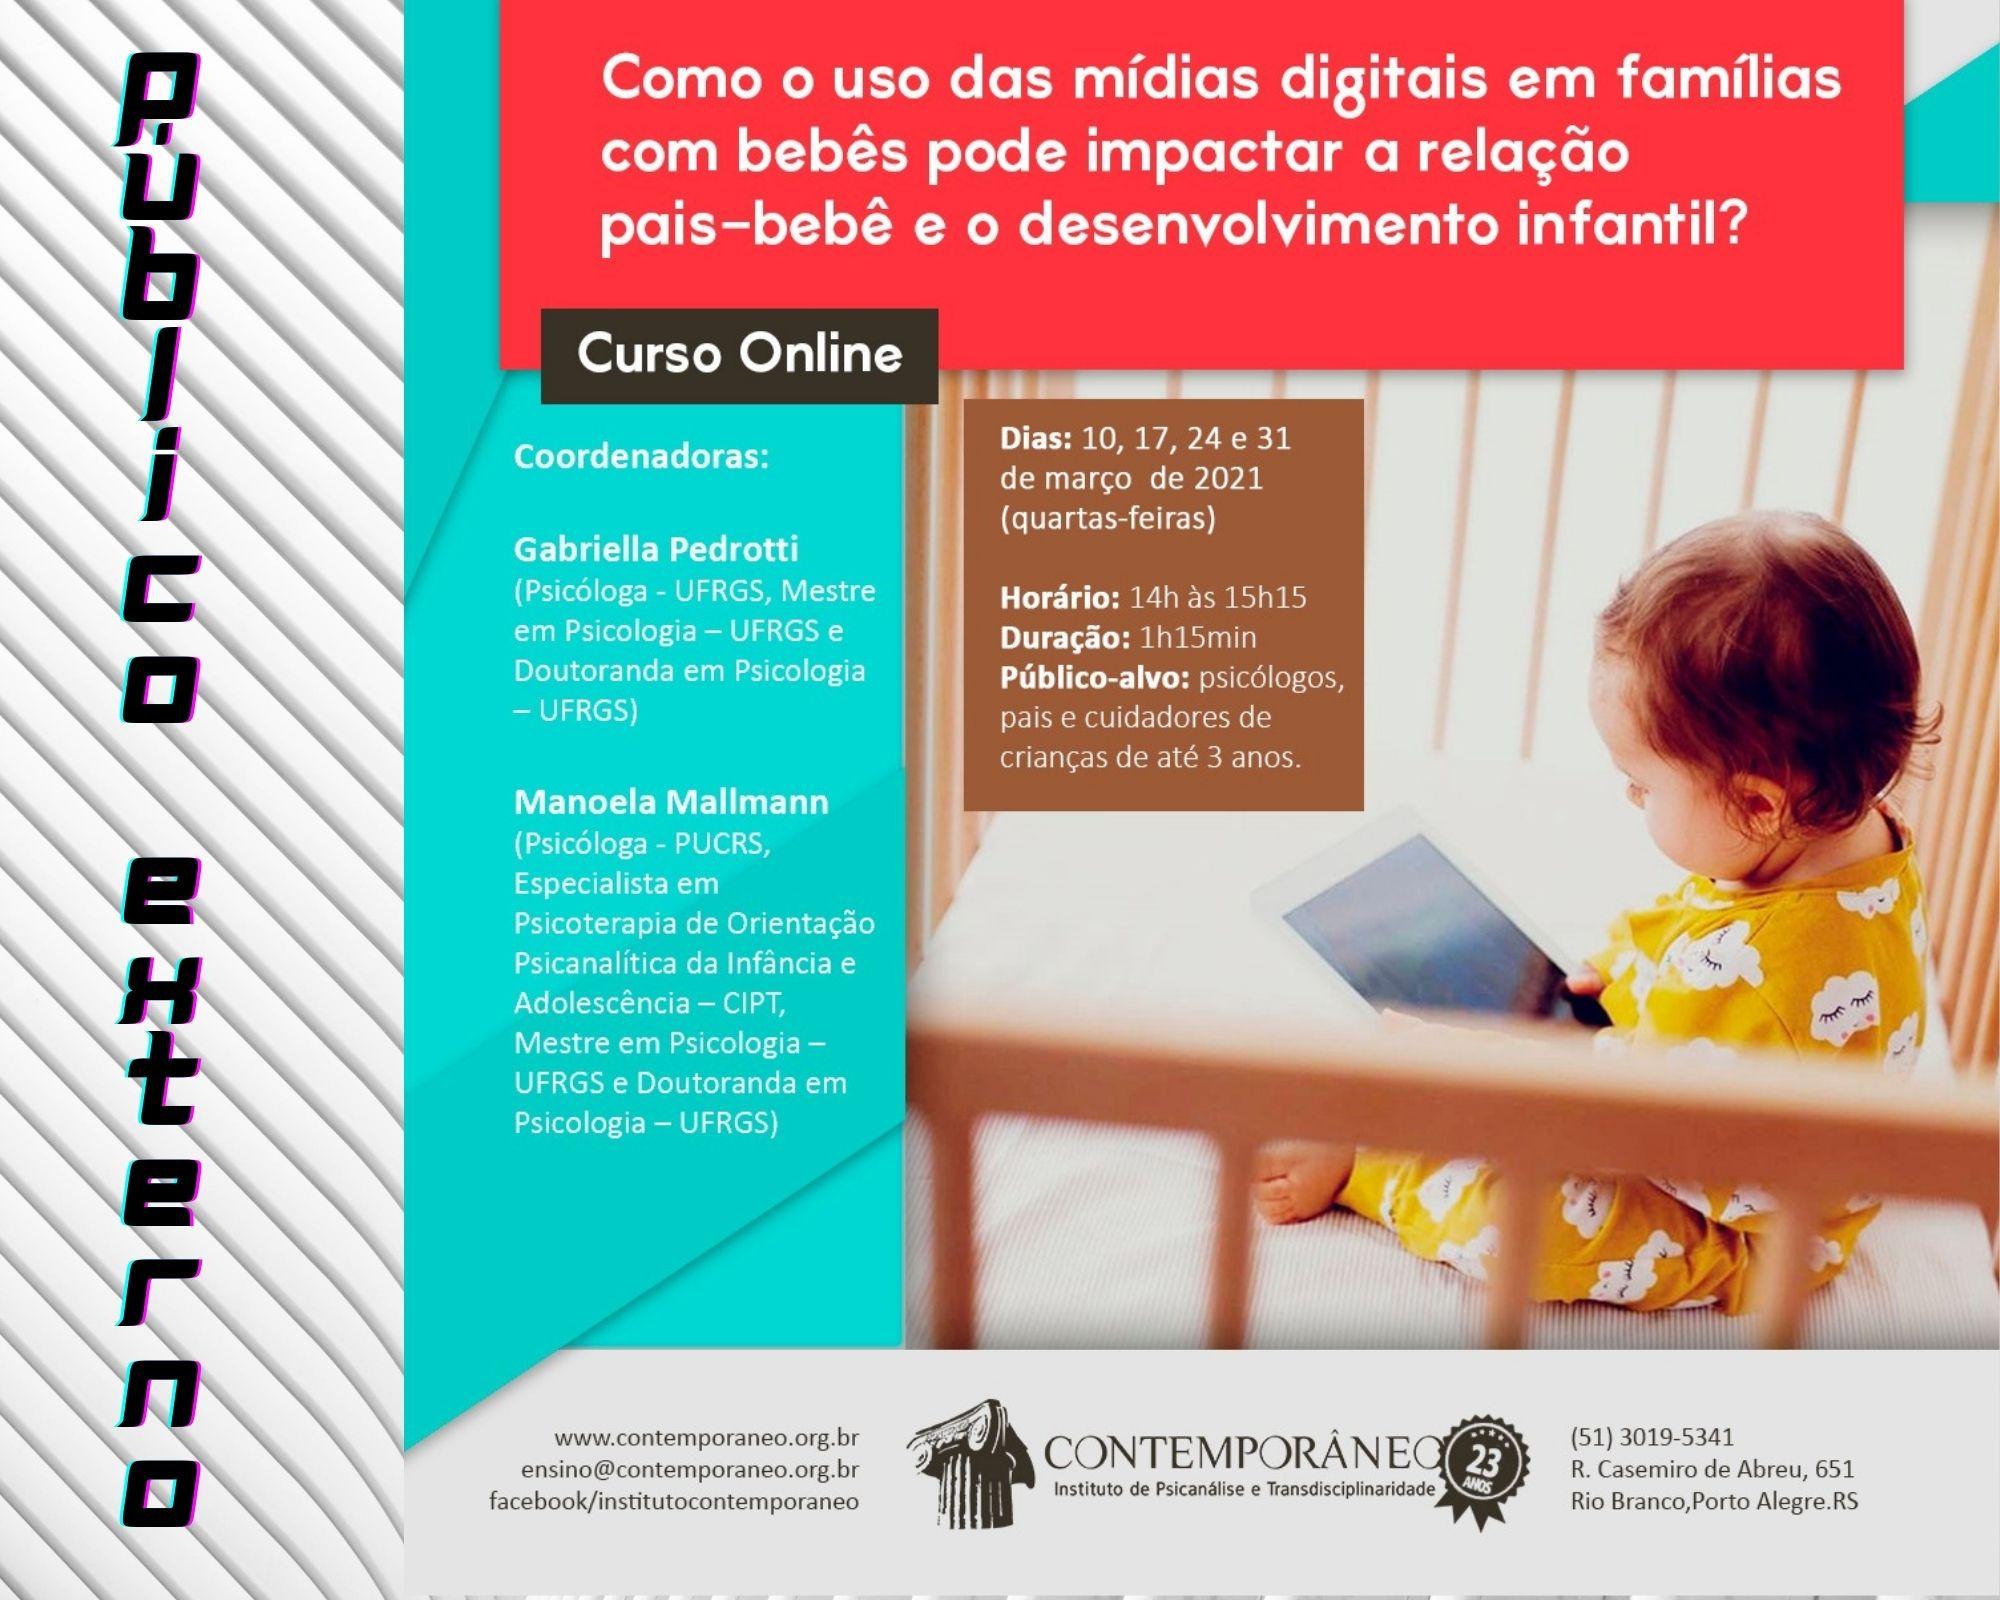 Curso para Uso das Mídias Digitais em famílias com bebês - Público Externo